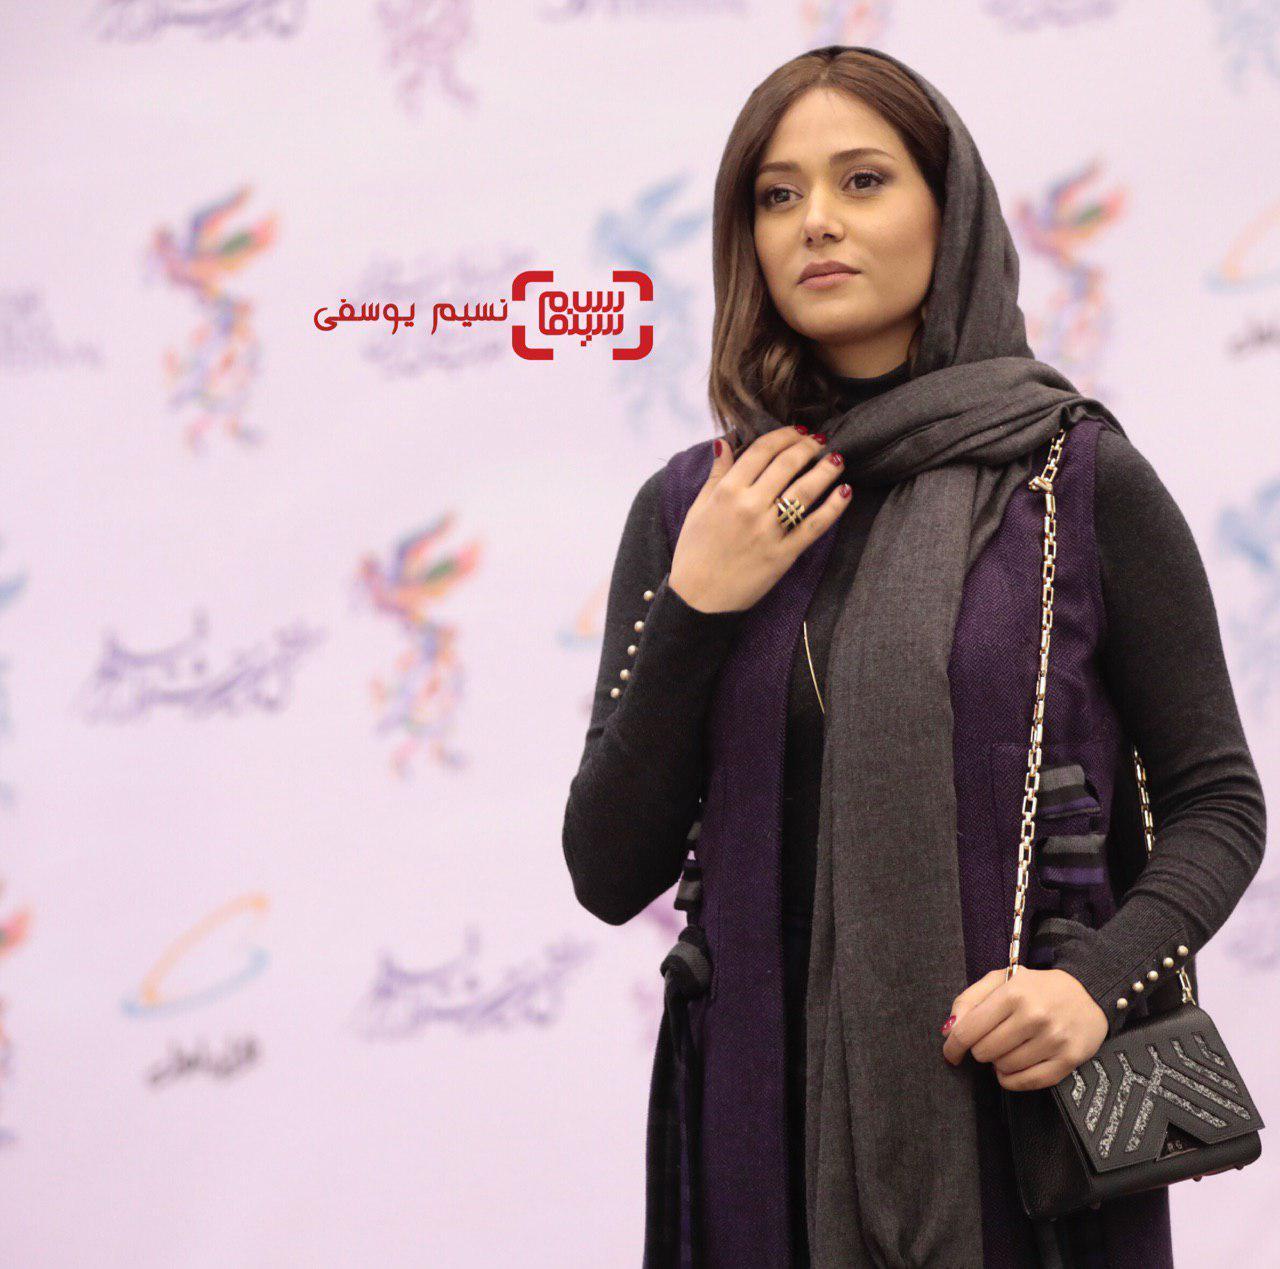 جشنواره فجر گزارش تصویری